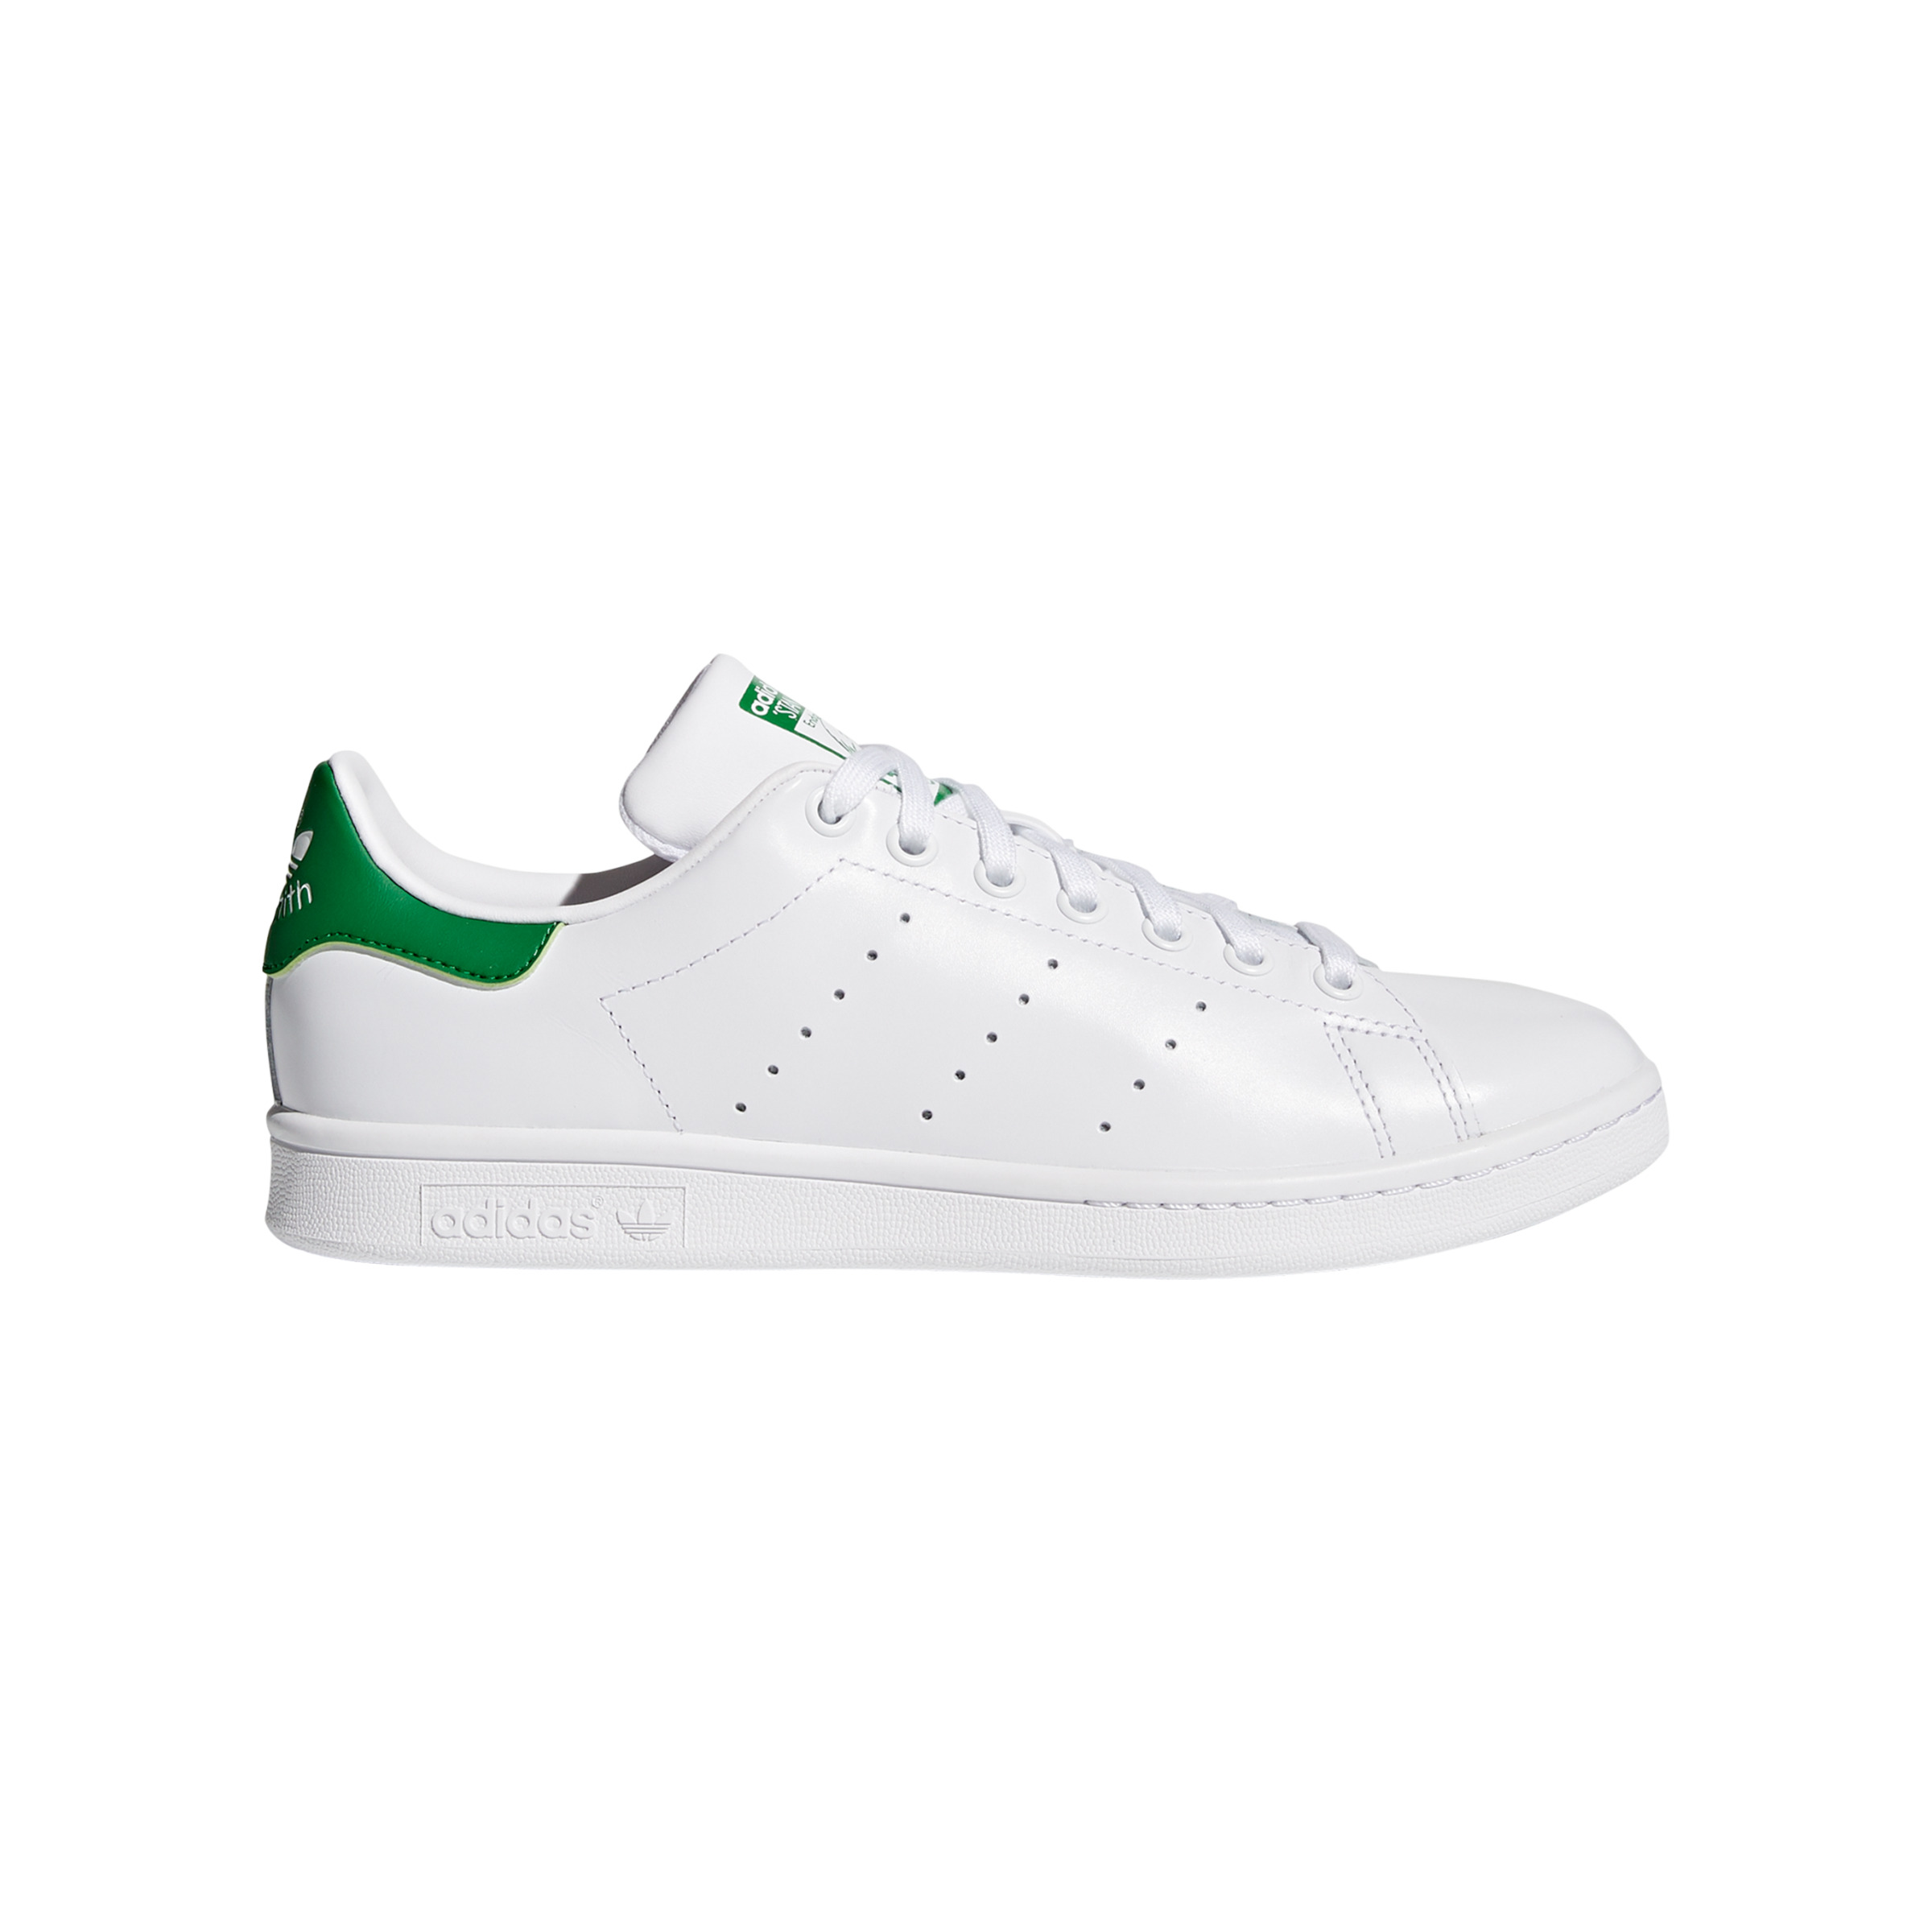 Adidas-Originals-Stan-Smith-Baskets-Blanc-Vert